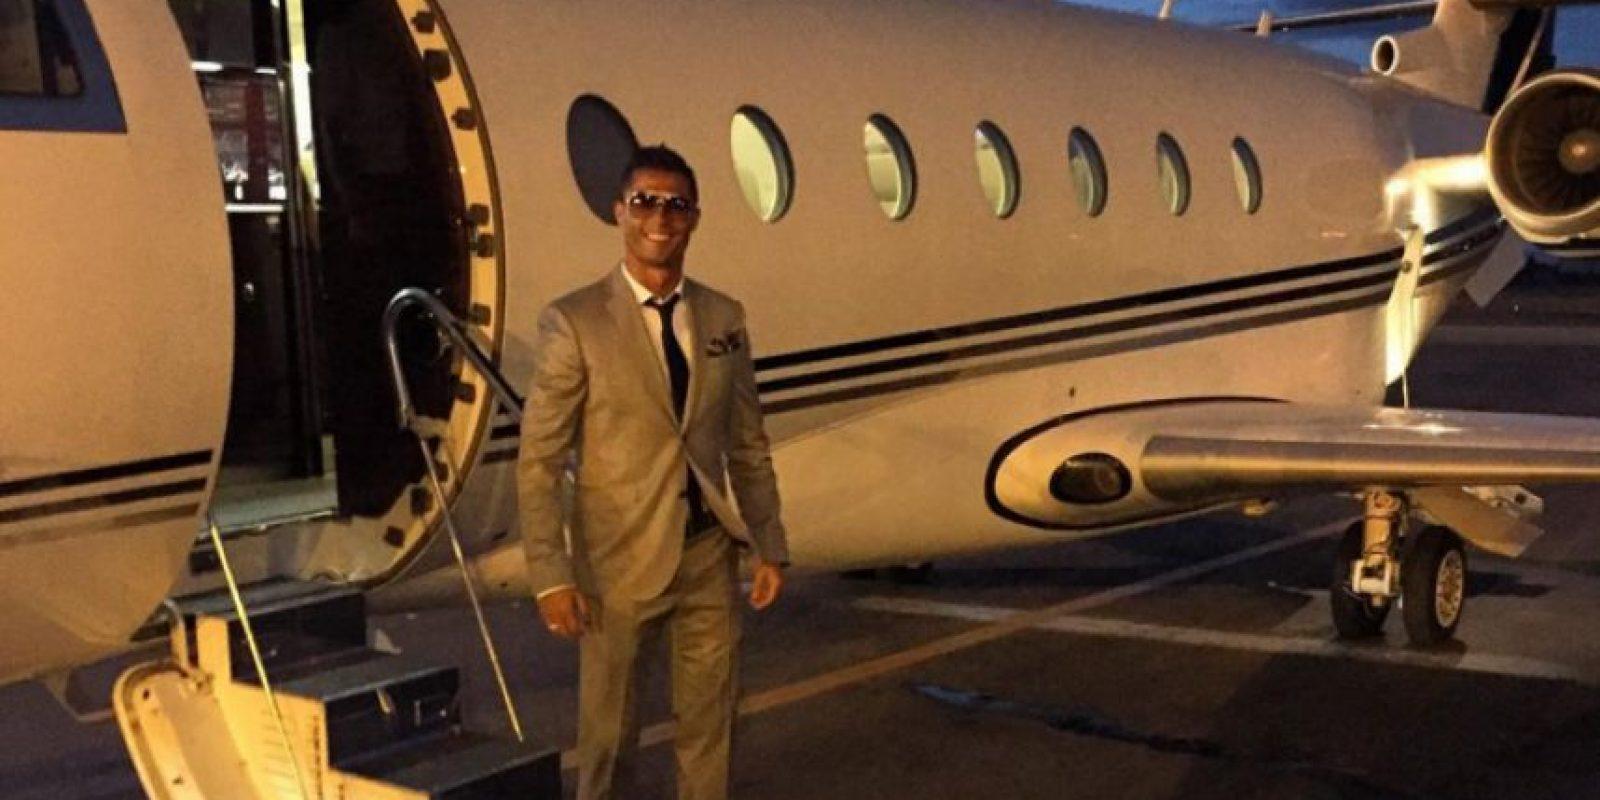 """Luego, """"CR7"""" adquirió un jet privado, y gracias a él, comenzó a viajar con mayor frecuencia a Marruecos para estar con su amigo. Foto:Vía instagram.com/Cristiano"""